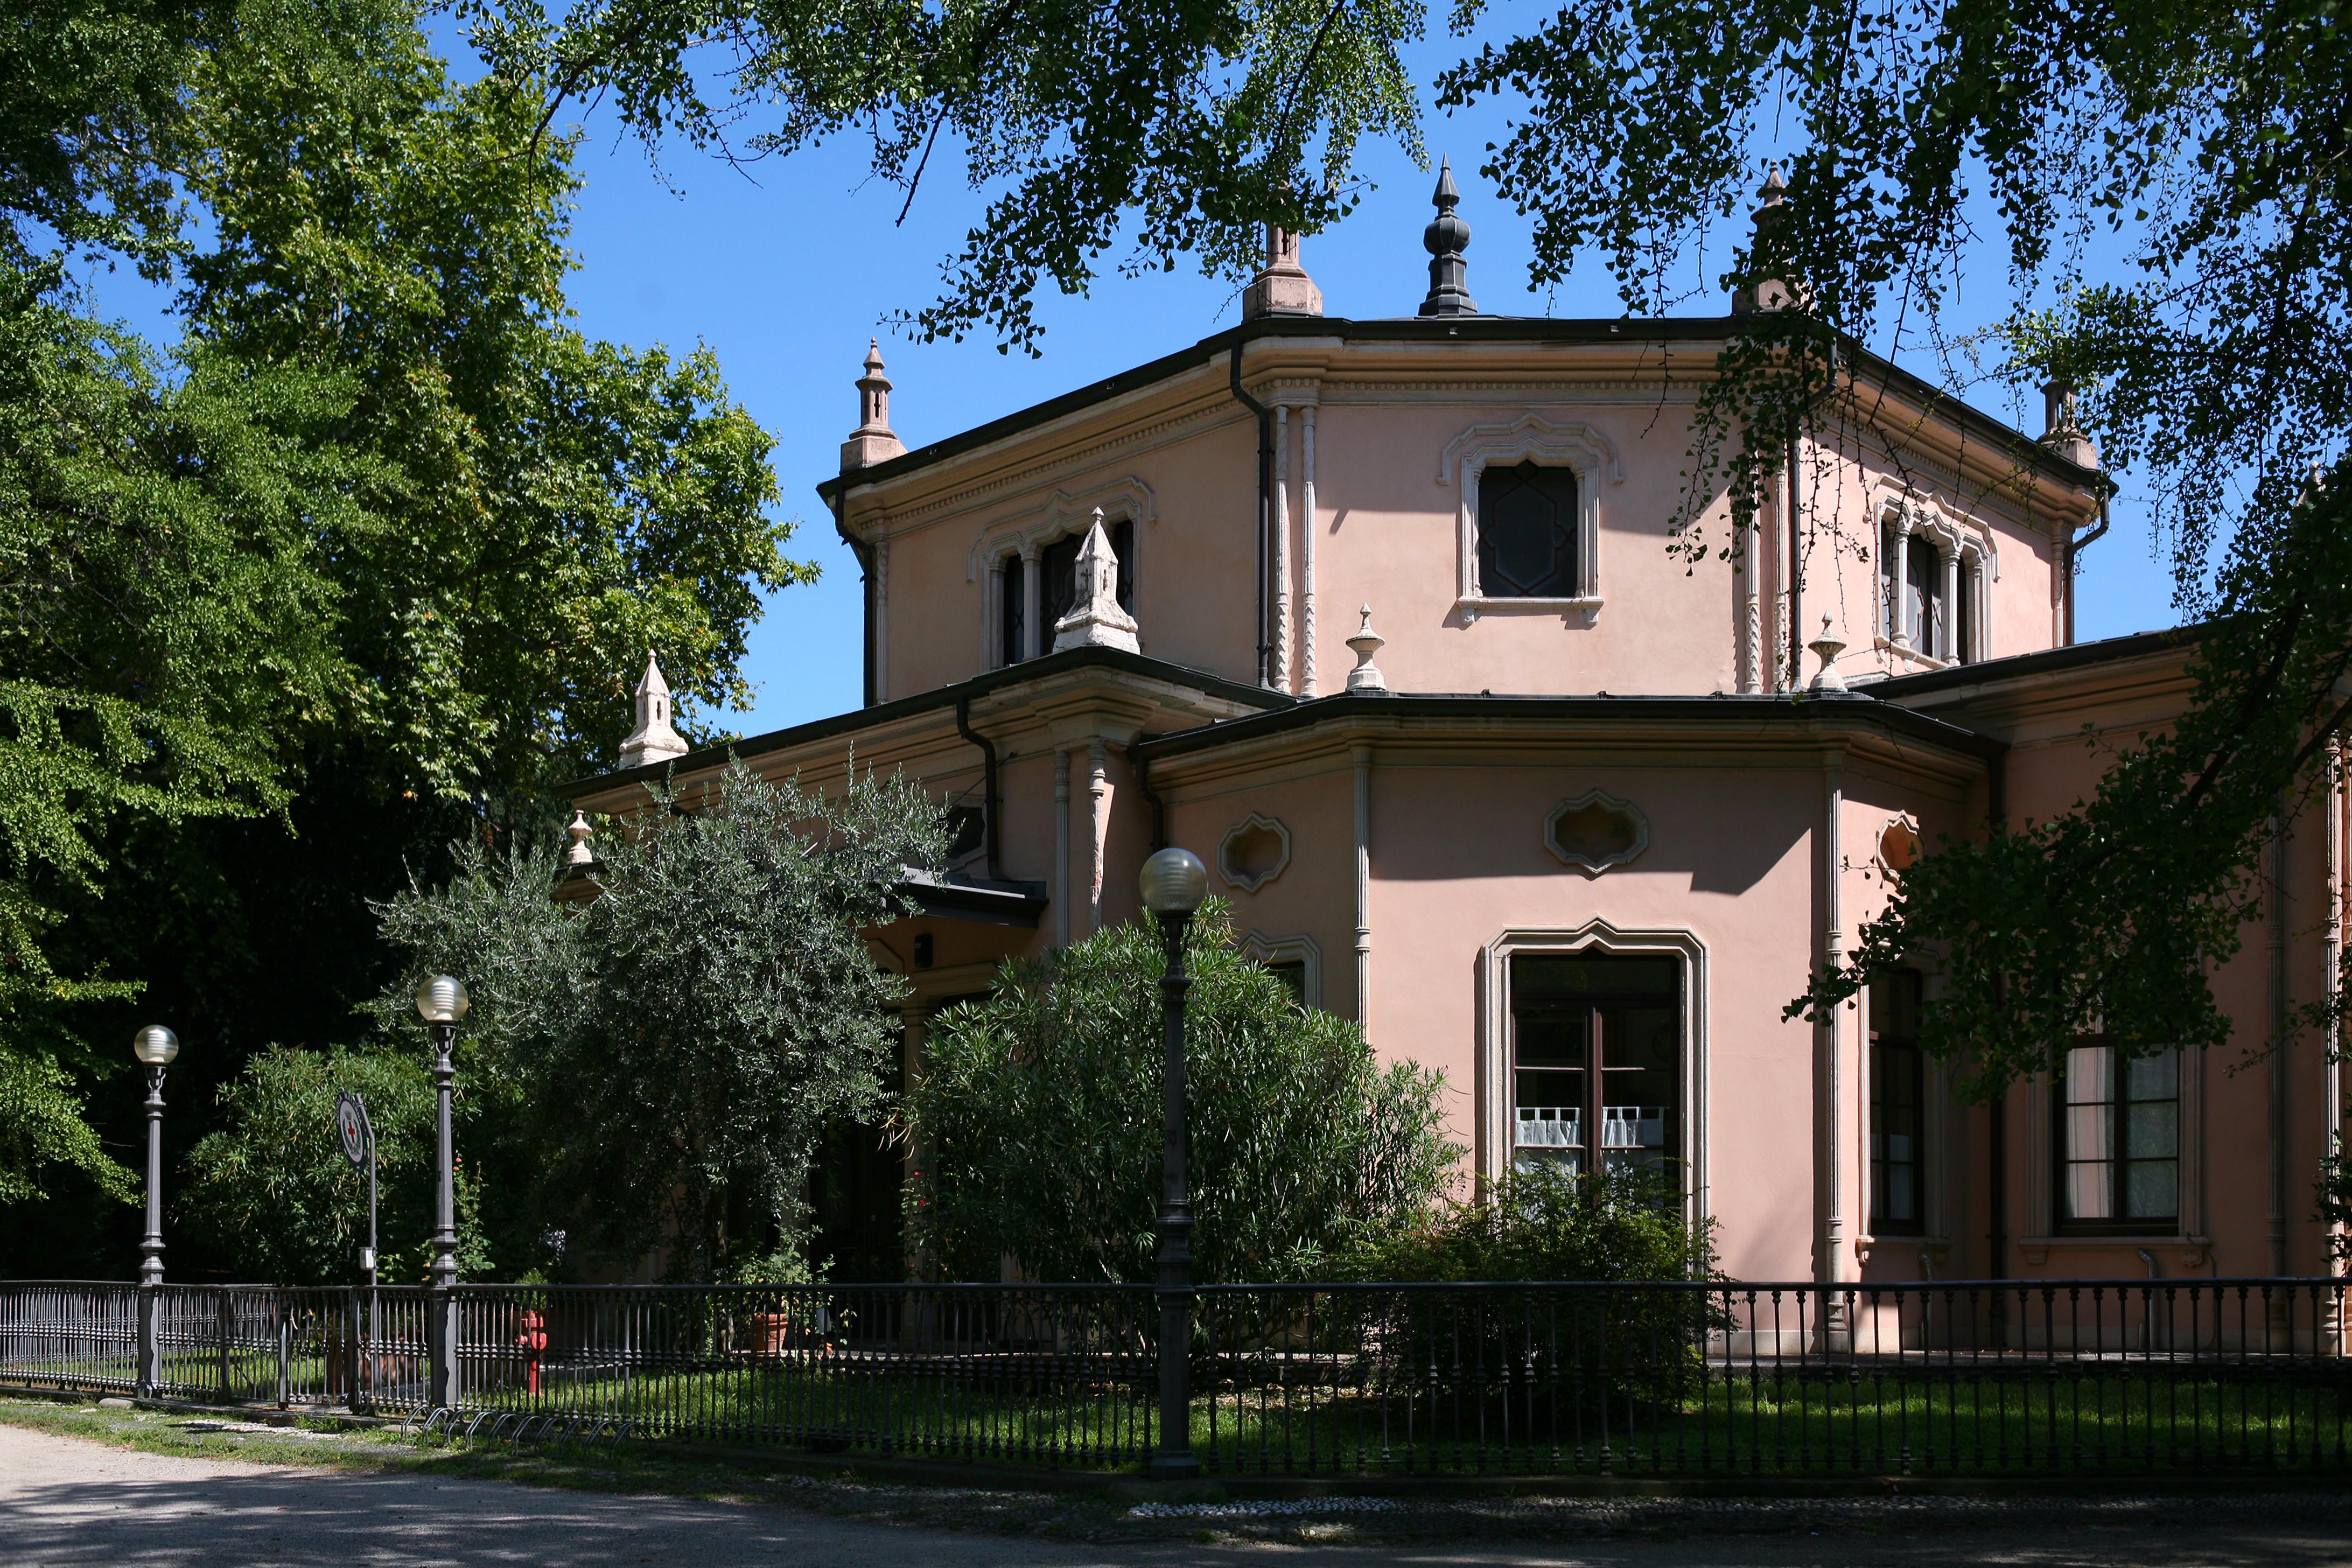 Architetto Di Giardini file:l'ex padiglione del caffè ai giardini di via palestro a